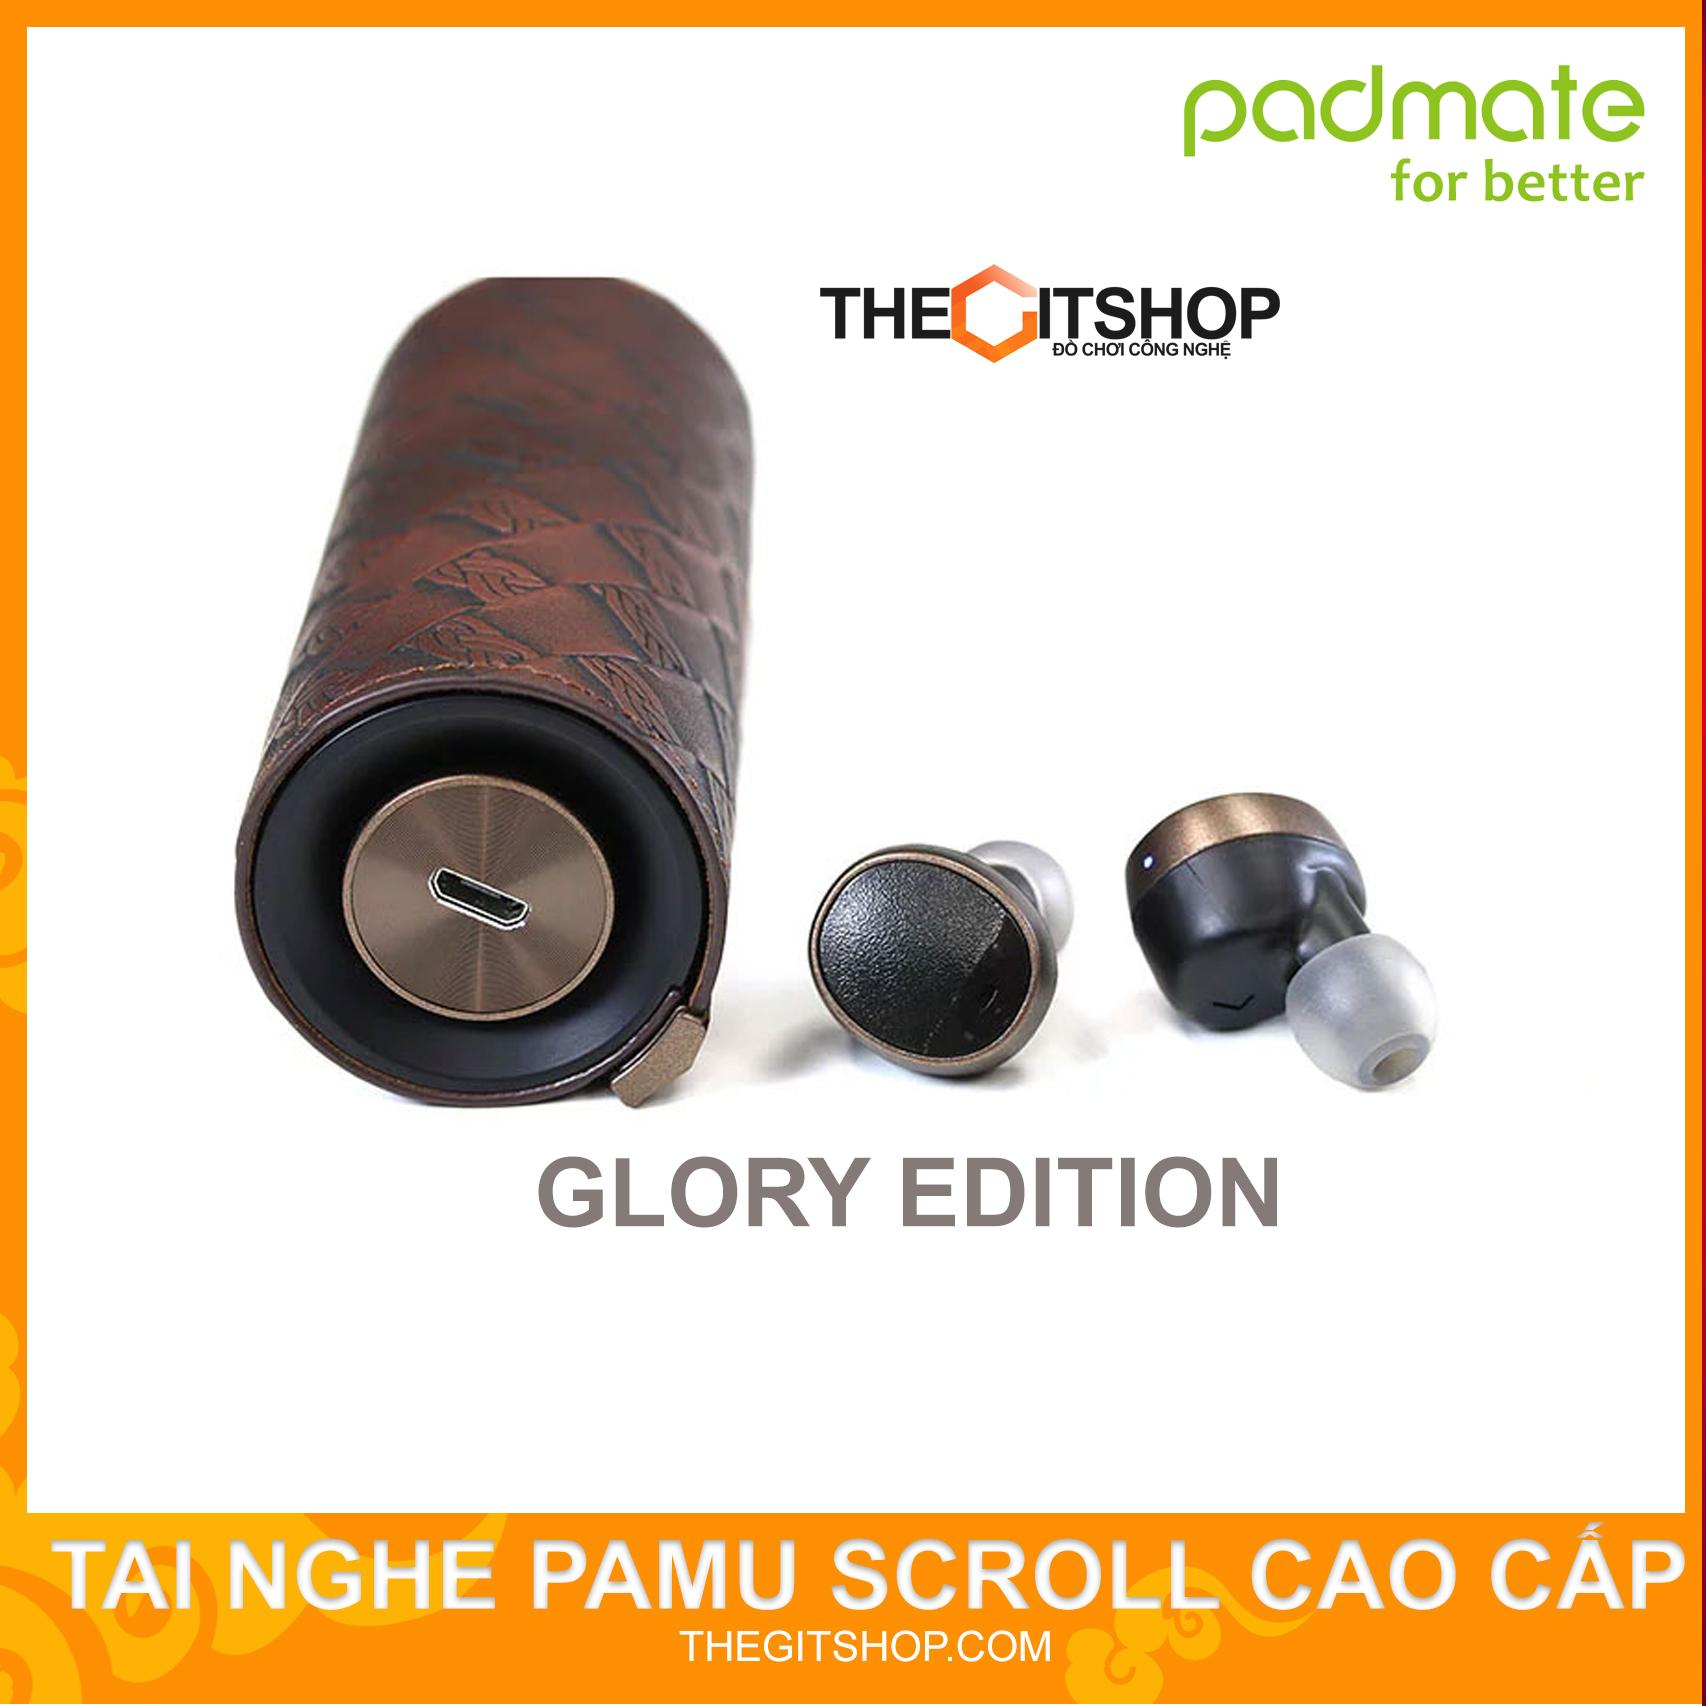 Tai nghe không dây True Wireless PAMU SCROLL - Âm thanh hay - PADMATE